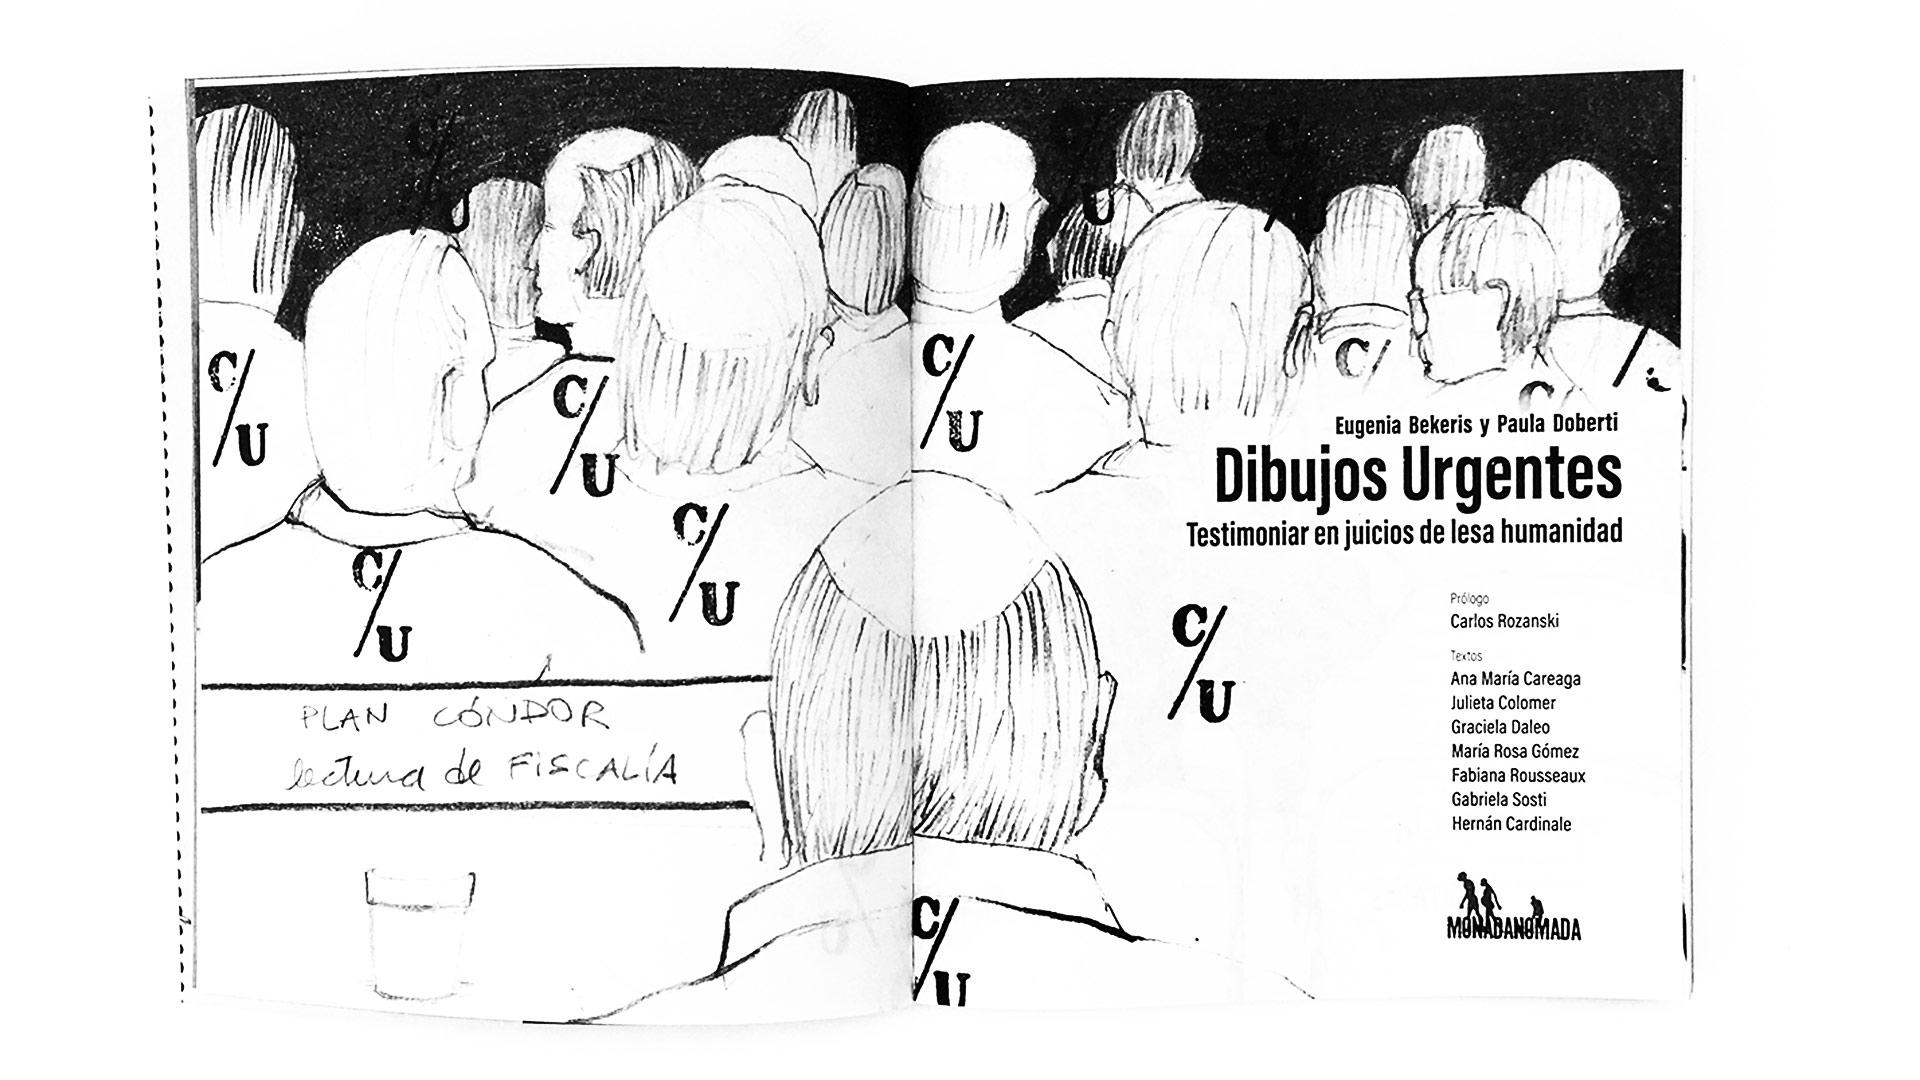 Qué hace una dibujante en los juicios de lesa humanidad_03